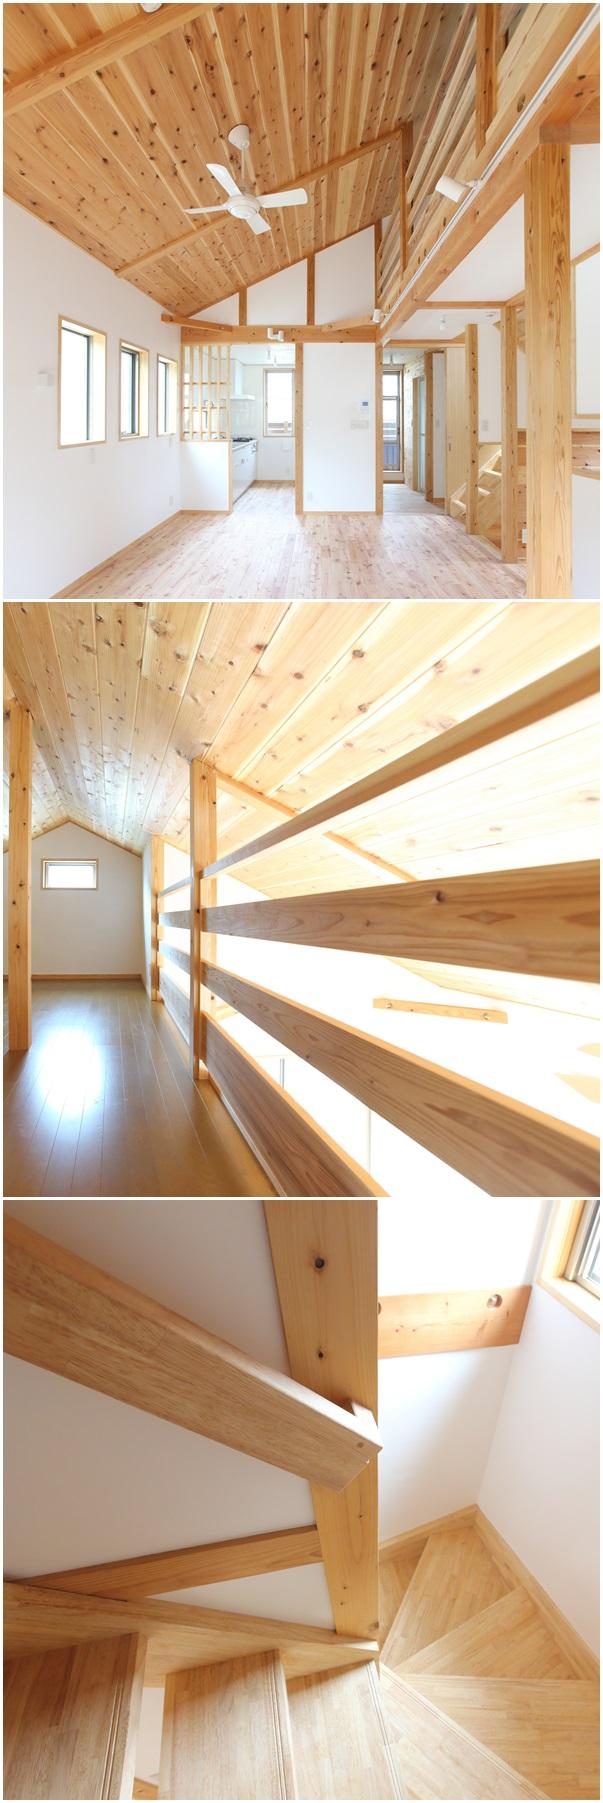 稲城市の家☆竣工写真が届きました_c0152341_014040.jpg